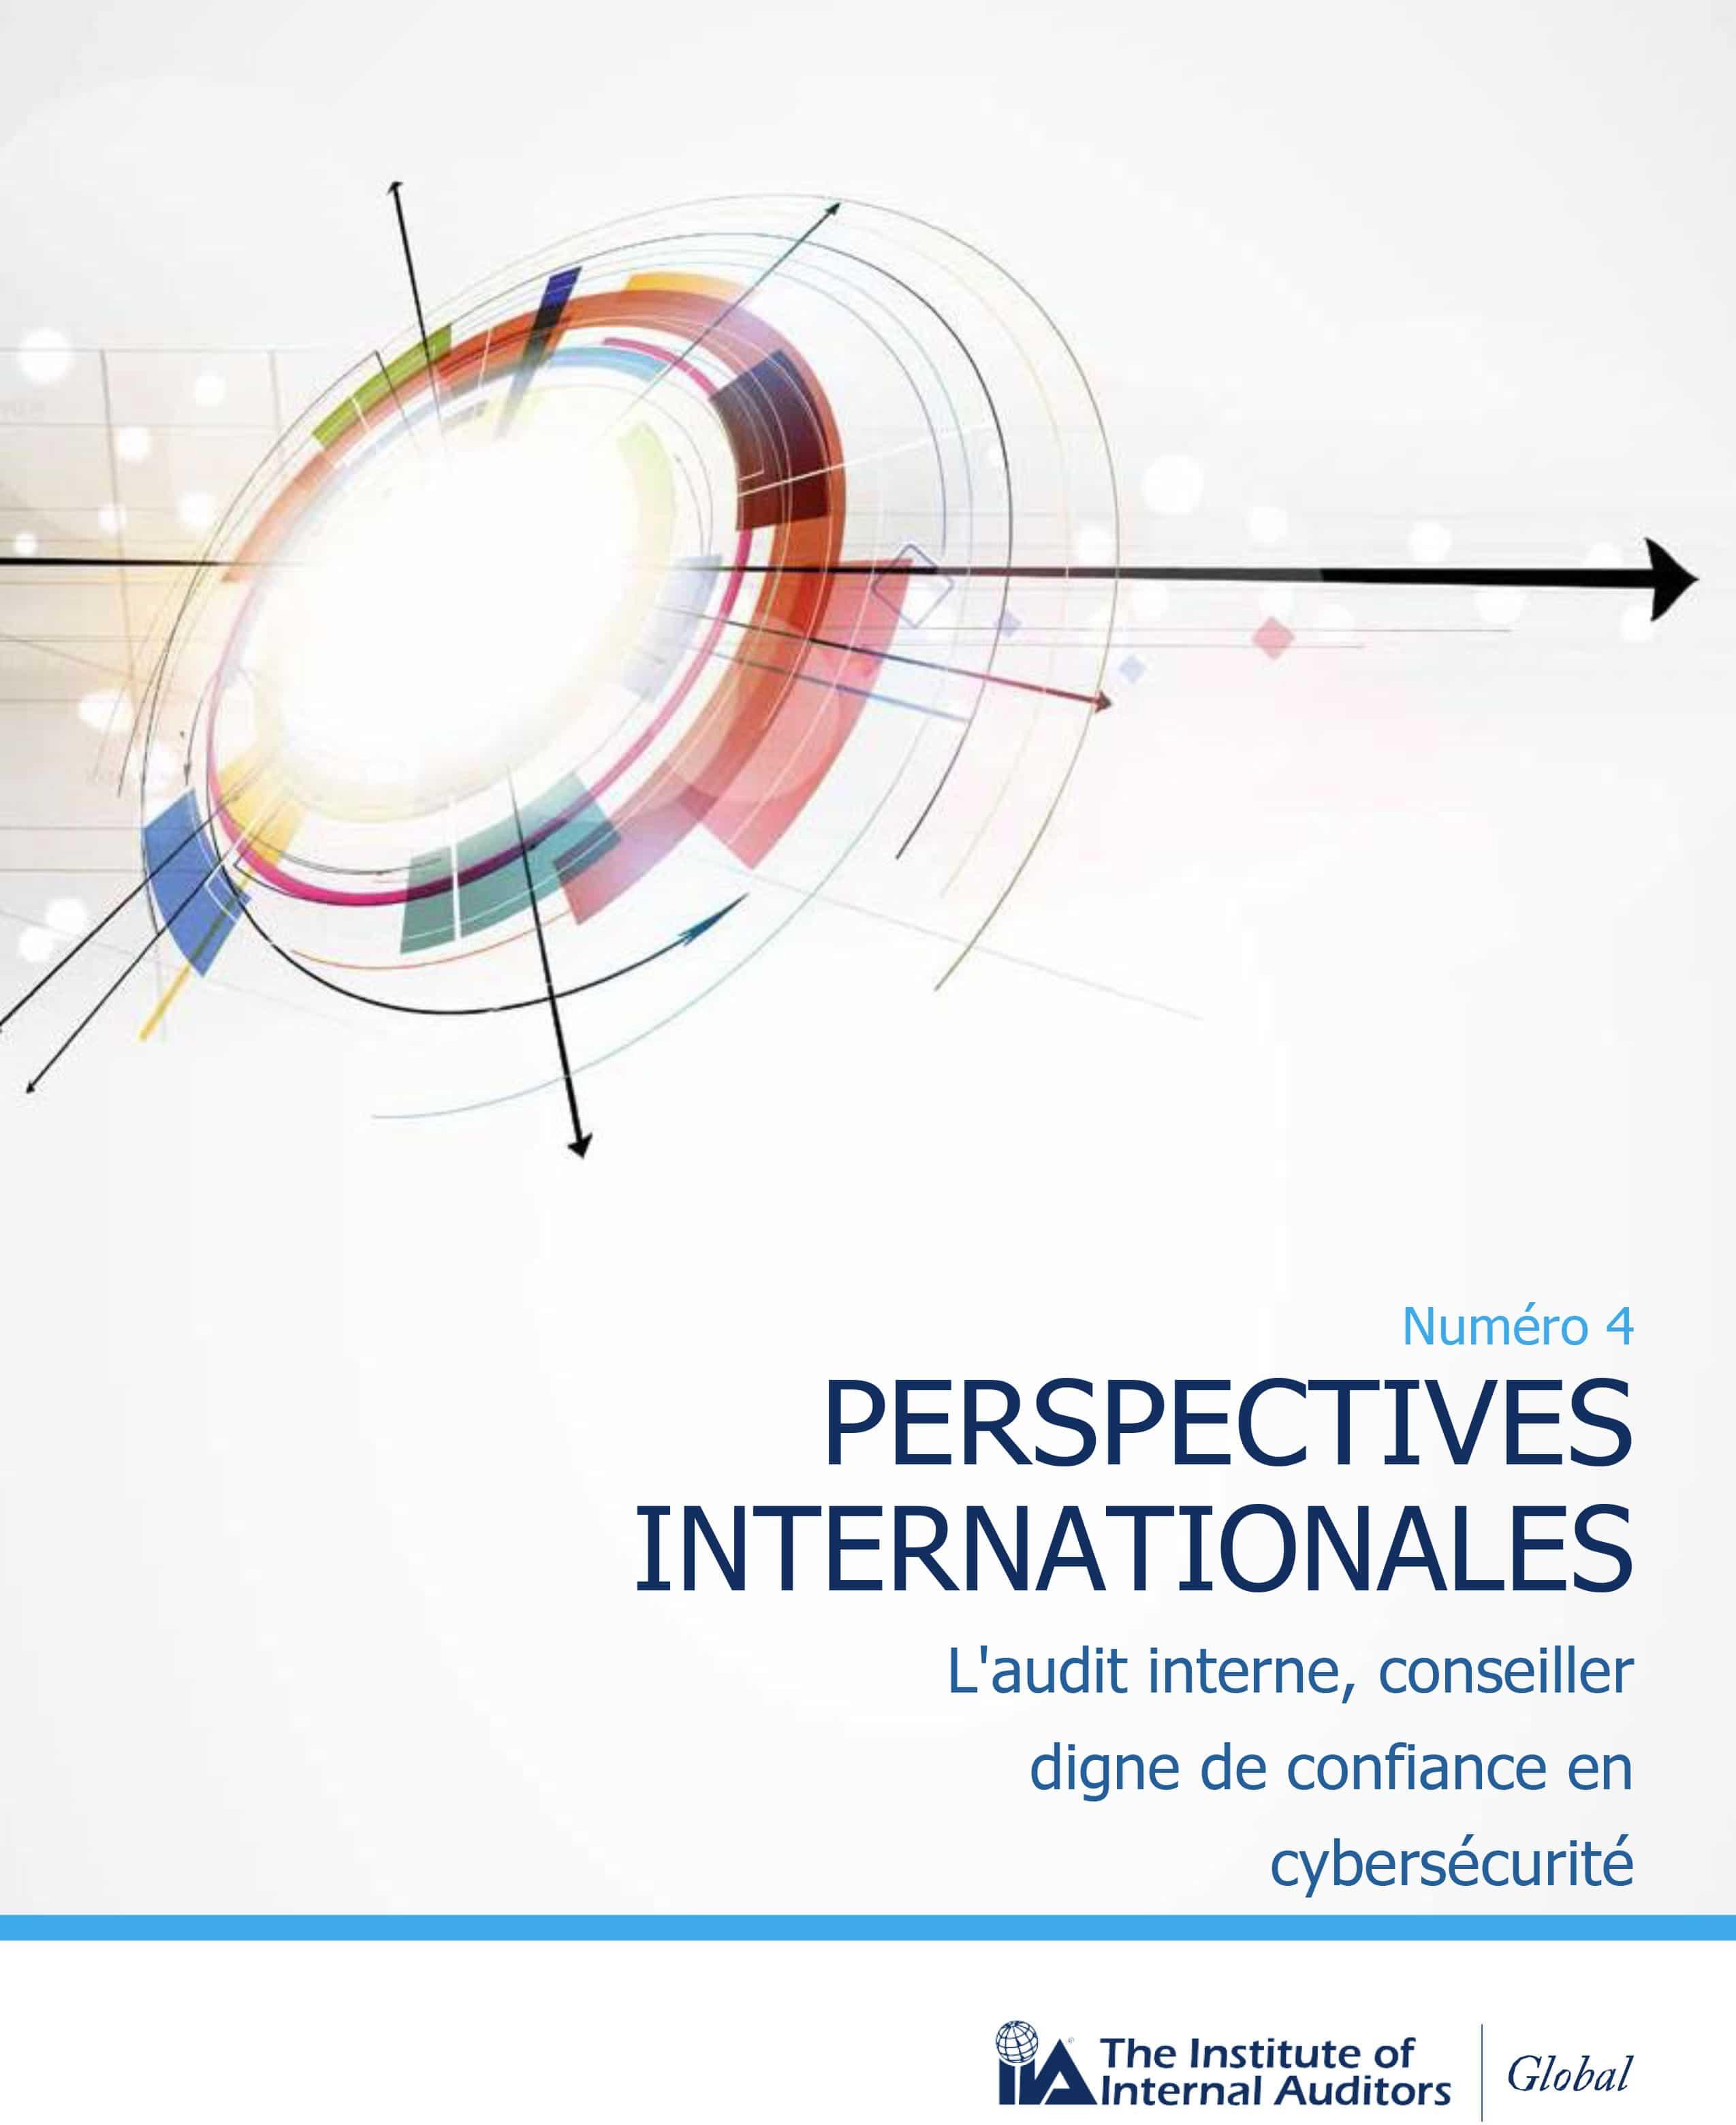 Perspectives internationales : L'audit interne, conseiller digne de confiance en cybersécurité